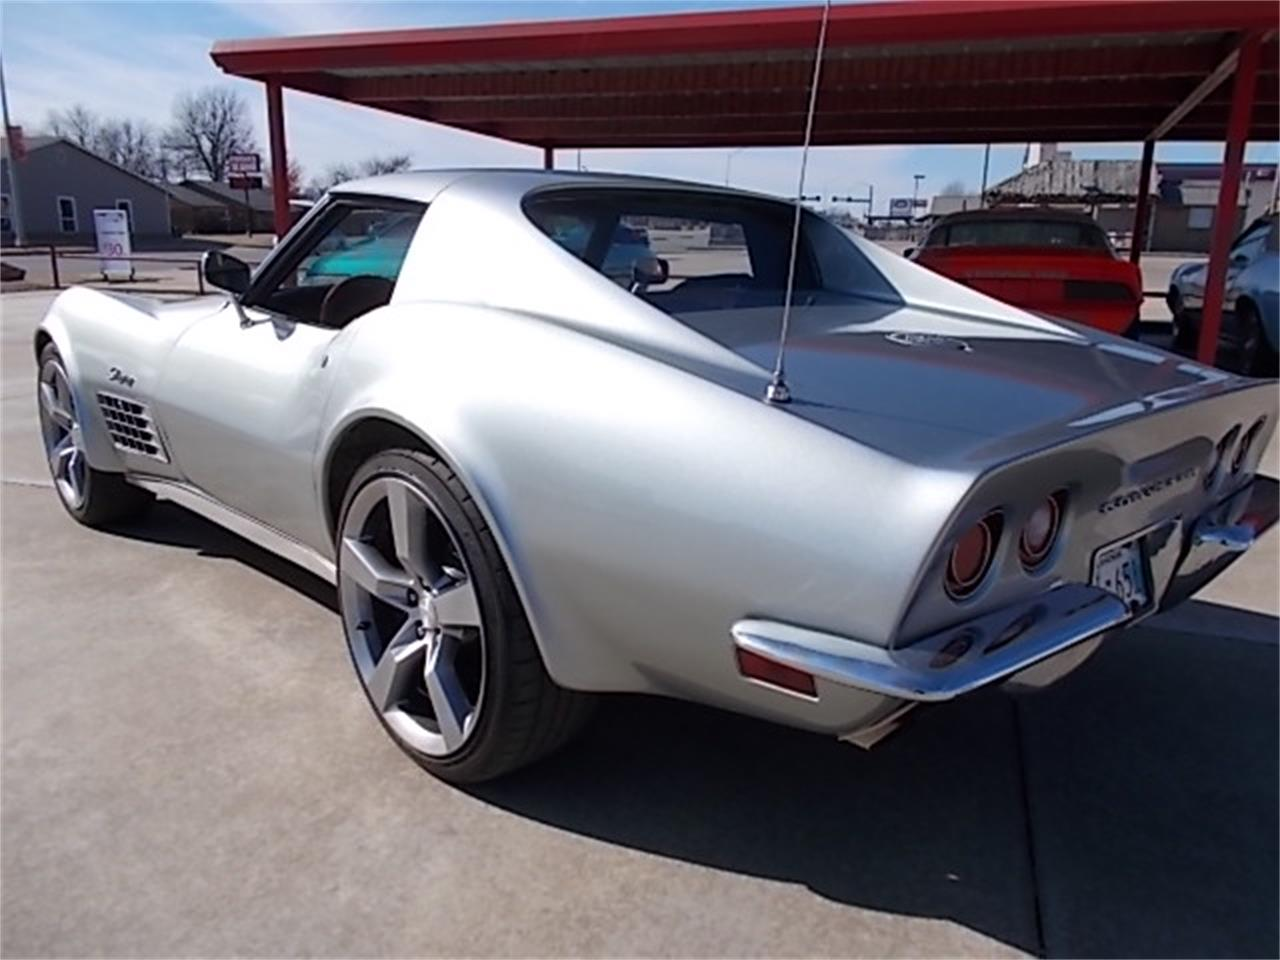 1971 Chevrolet Corvette Stingray (CC-1317723) for sale in Skiatook, Oklahoma